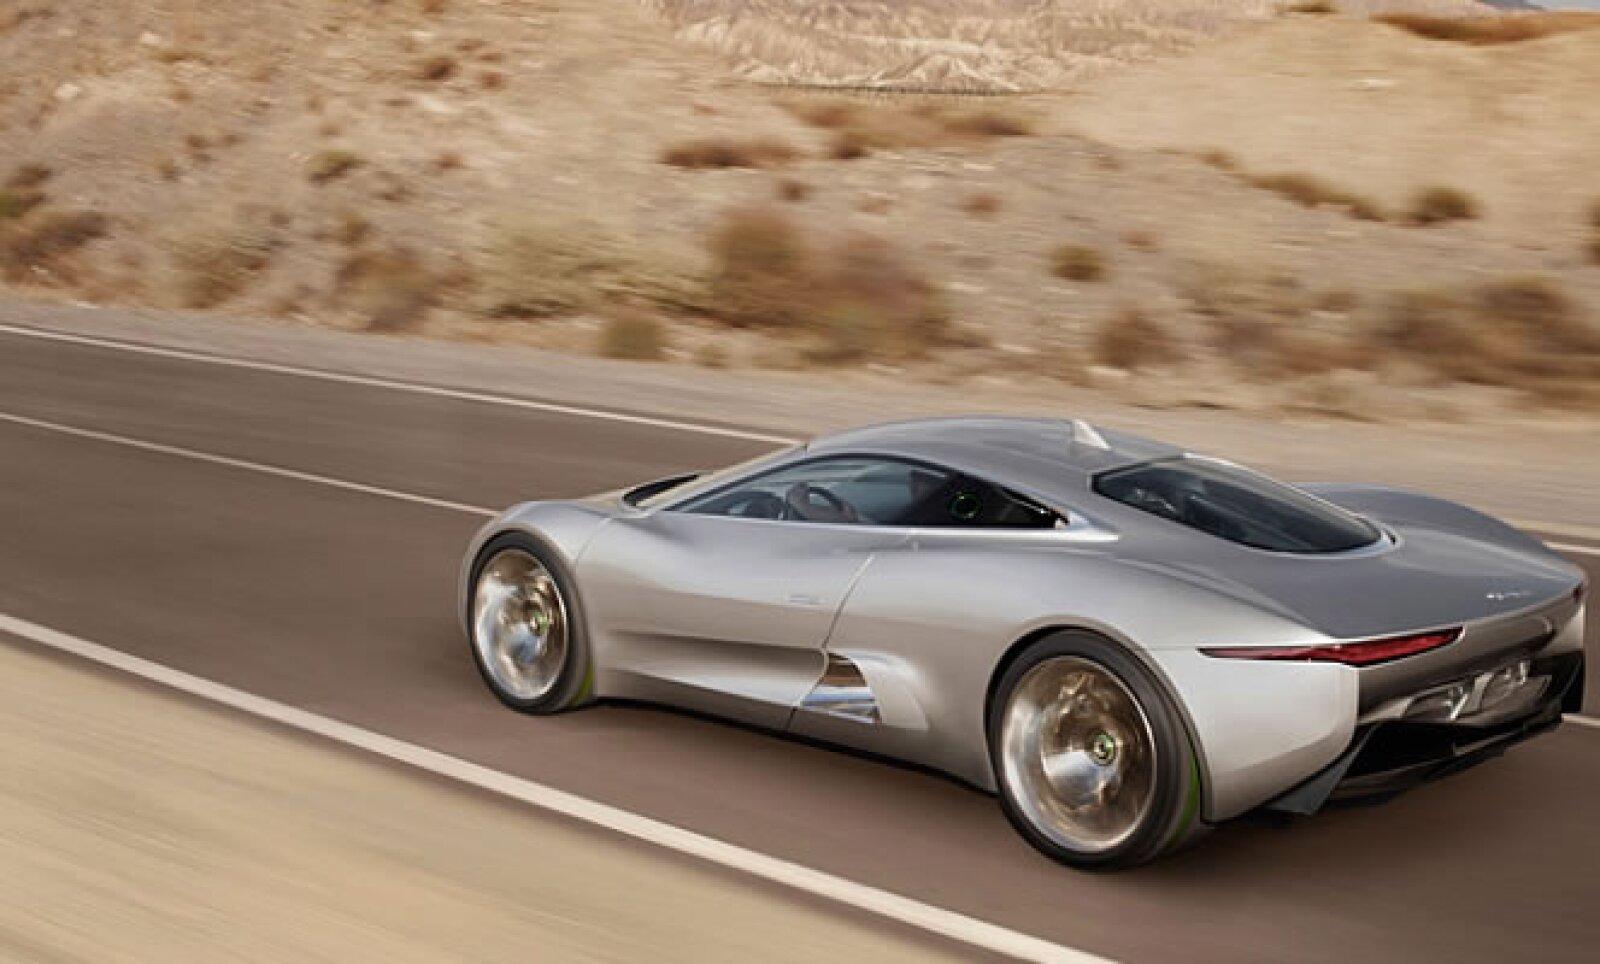 """""""Rendimiento por innovación siempre ha sido un distintivo de Jaguar. Este vehículo demuestra que la compañía avanza en el campo del diseño automotriz y de la tecnología"""", dice Ralf Speth, CEO de Jaguar, en un comunicado de prensa."""